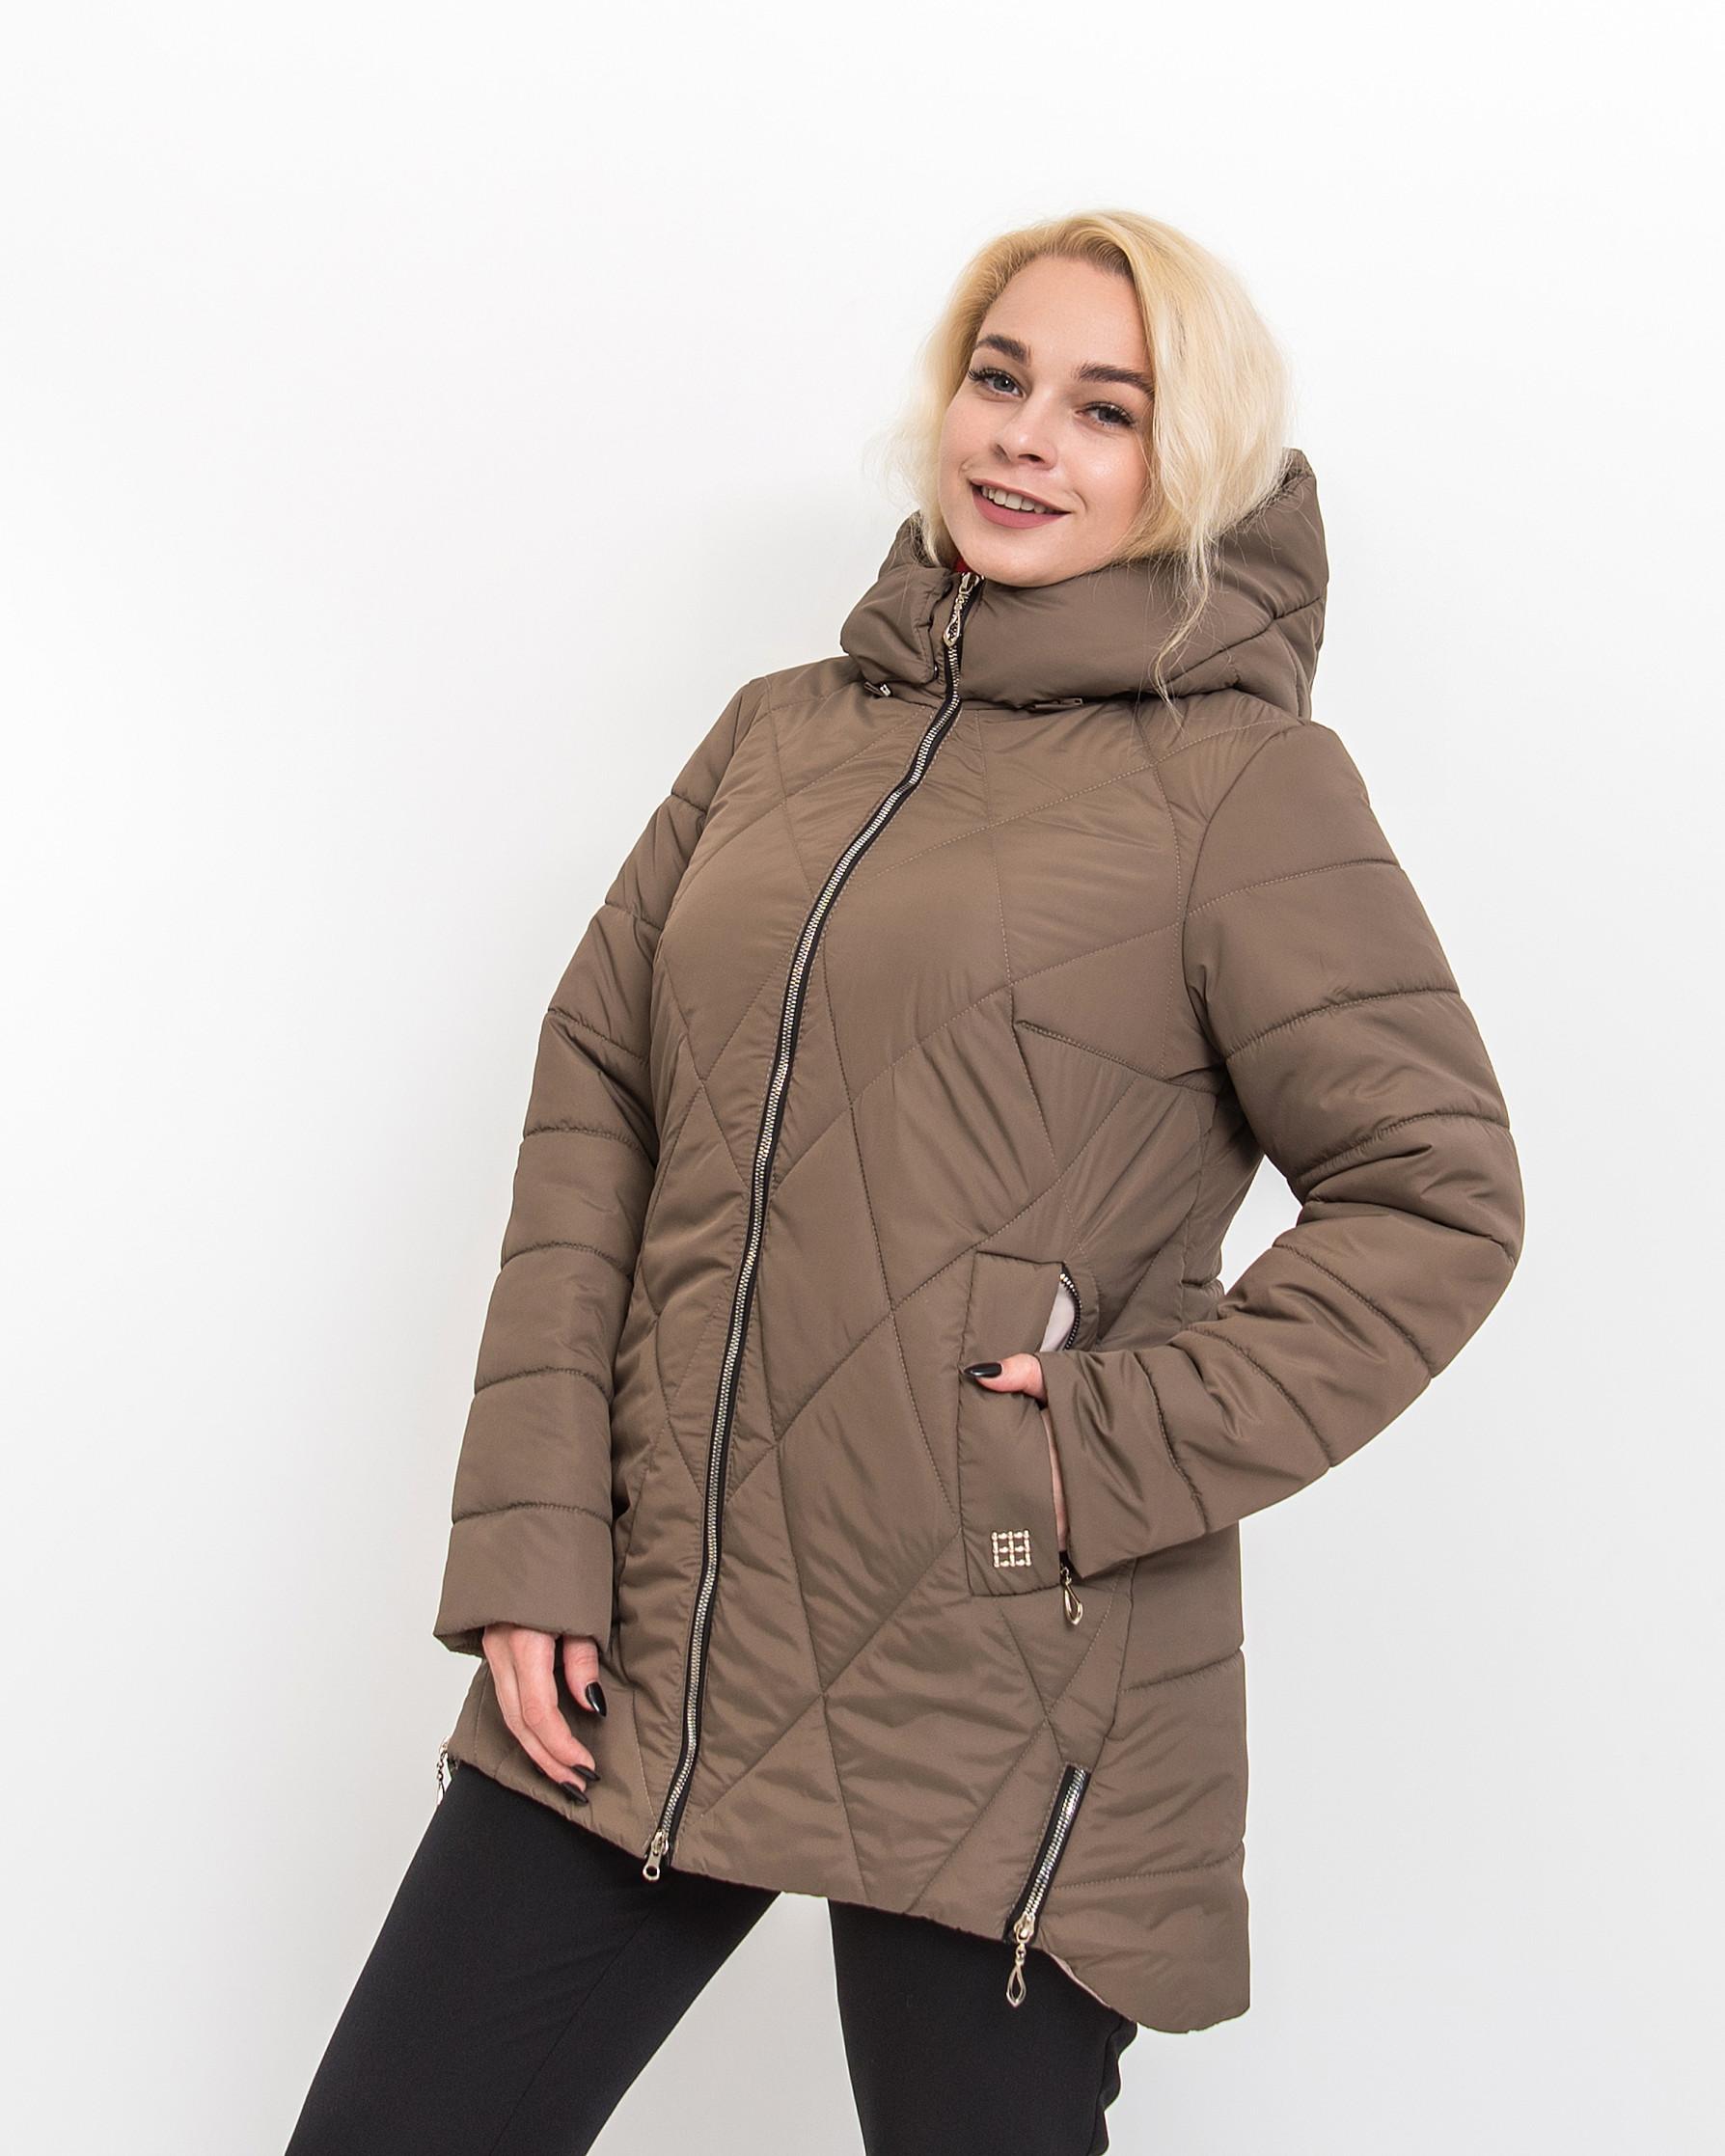 Демисезонная женская куртка Ронда бежевого цвета